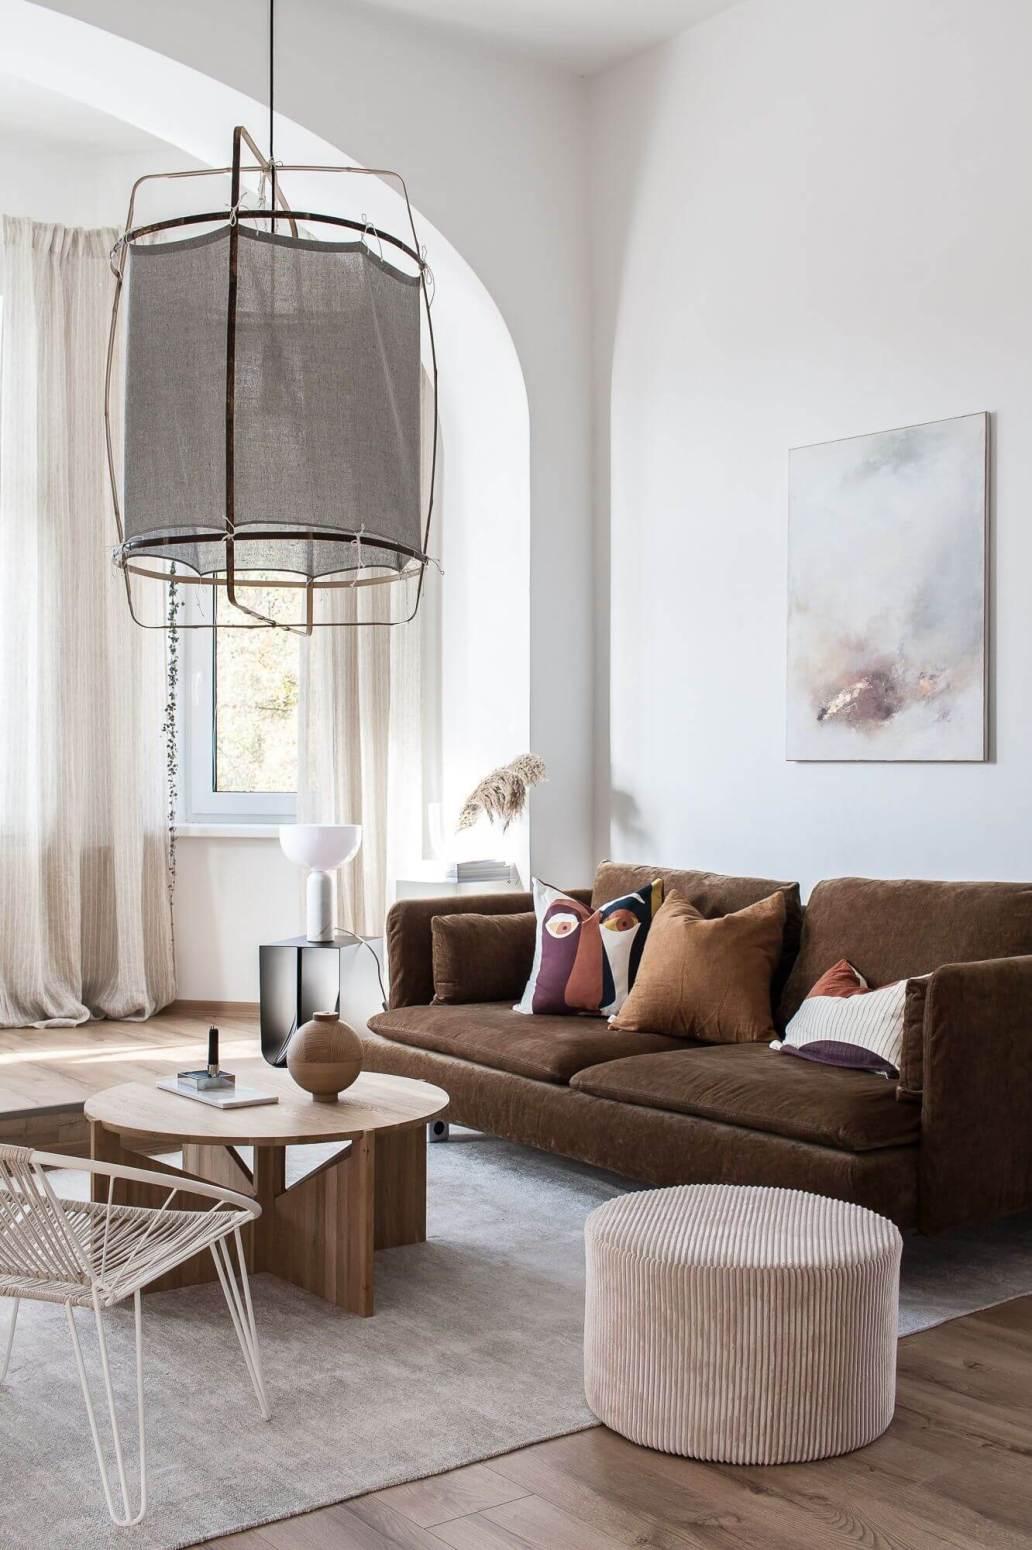 salon contemporain avec canape en velours et table basse en bois 6119474 - Tendances meubles et décoration 2021 : le grand décryptage